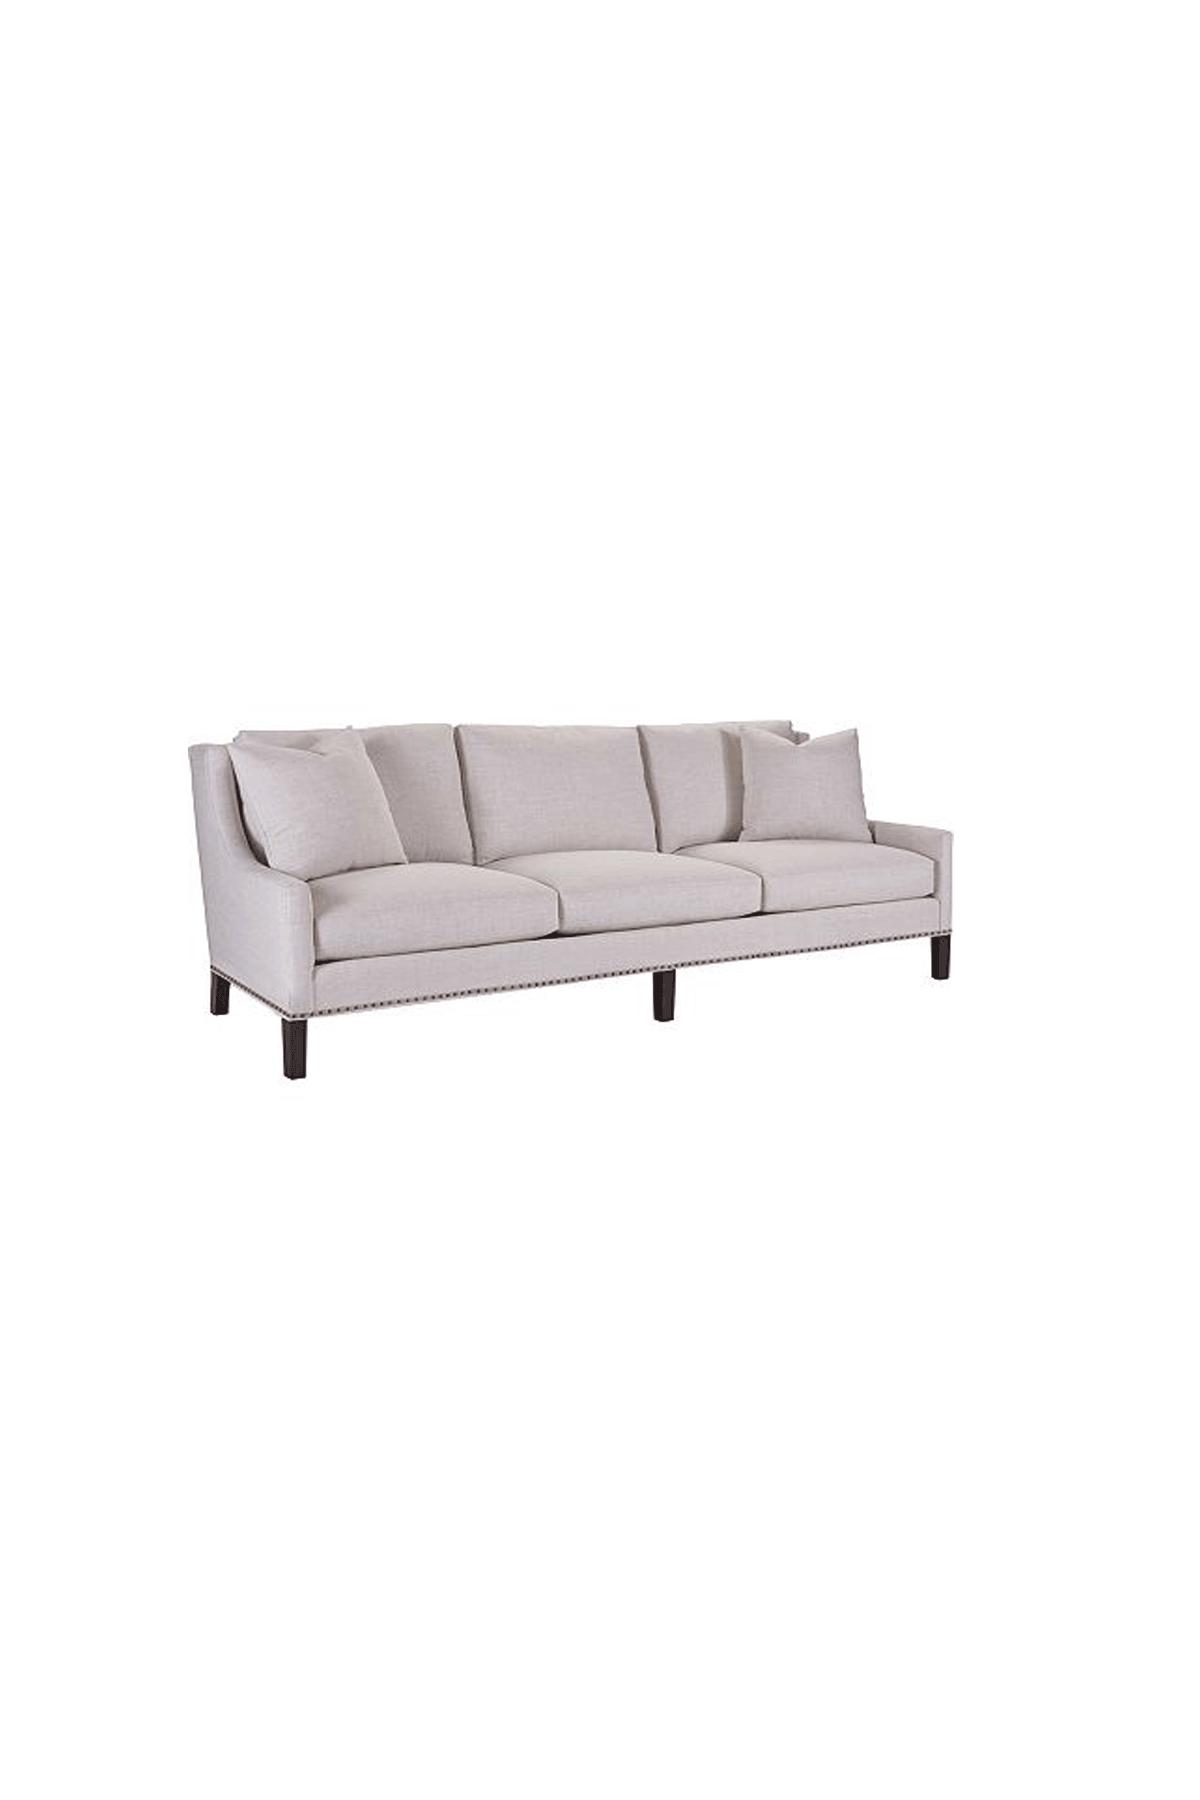 Wondrous Chatham Sofa Grandeur Uae Inzonedesignstudio Interior Chair Design Inzonedesignstudiocom